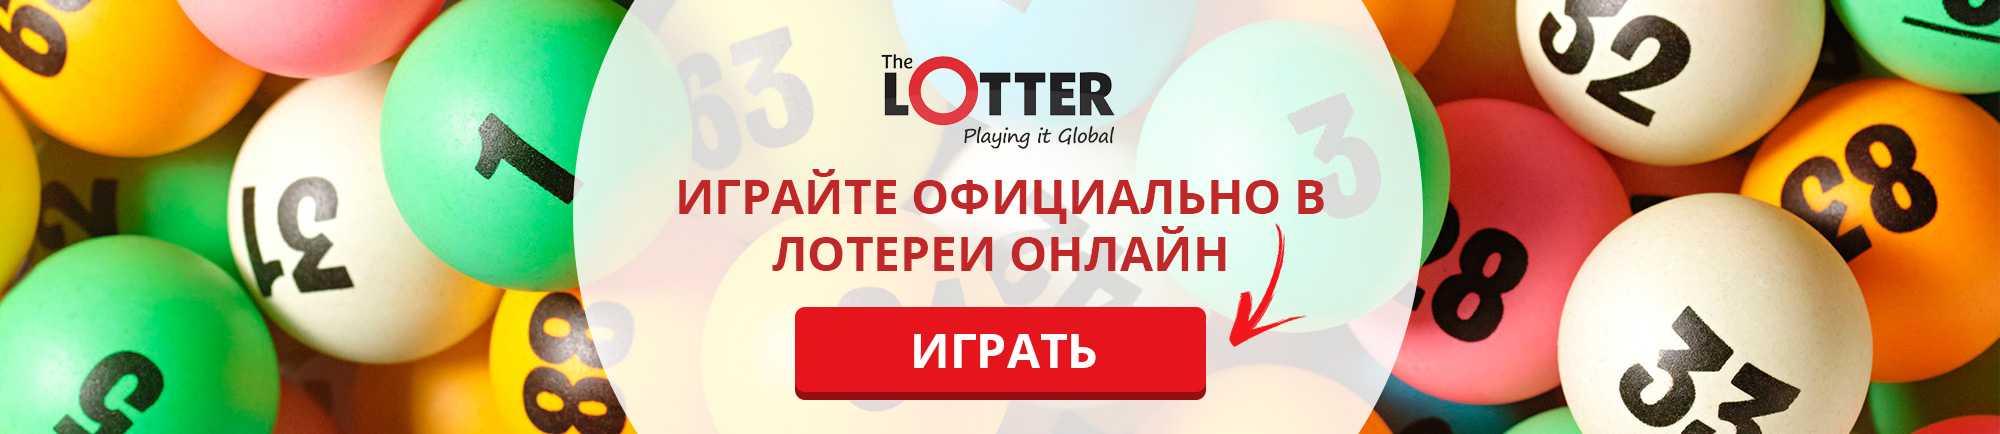 Lottothrill